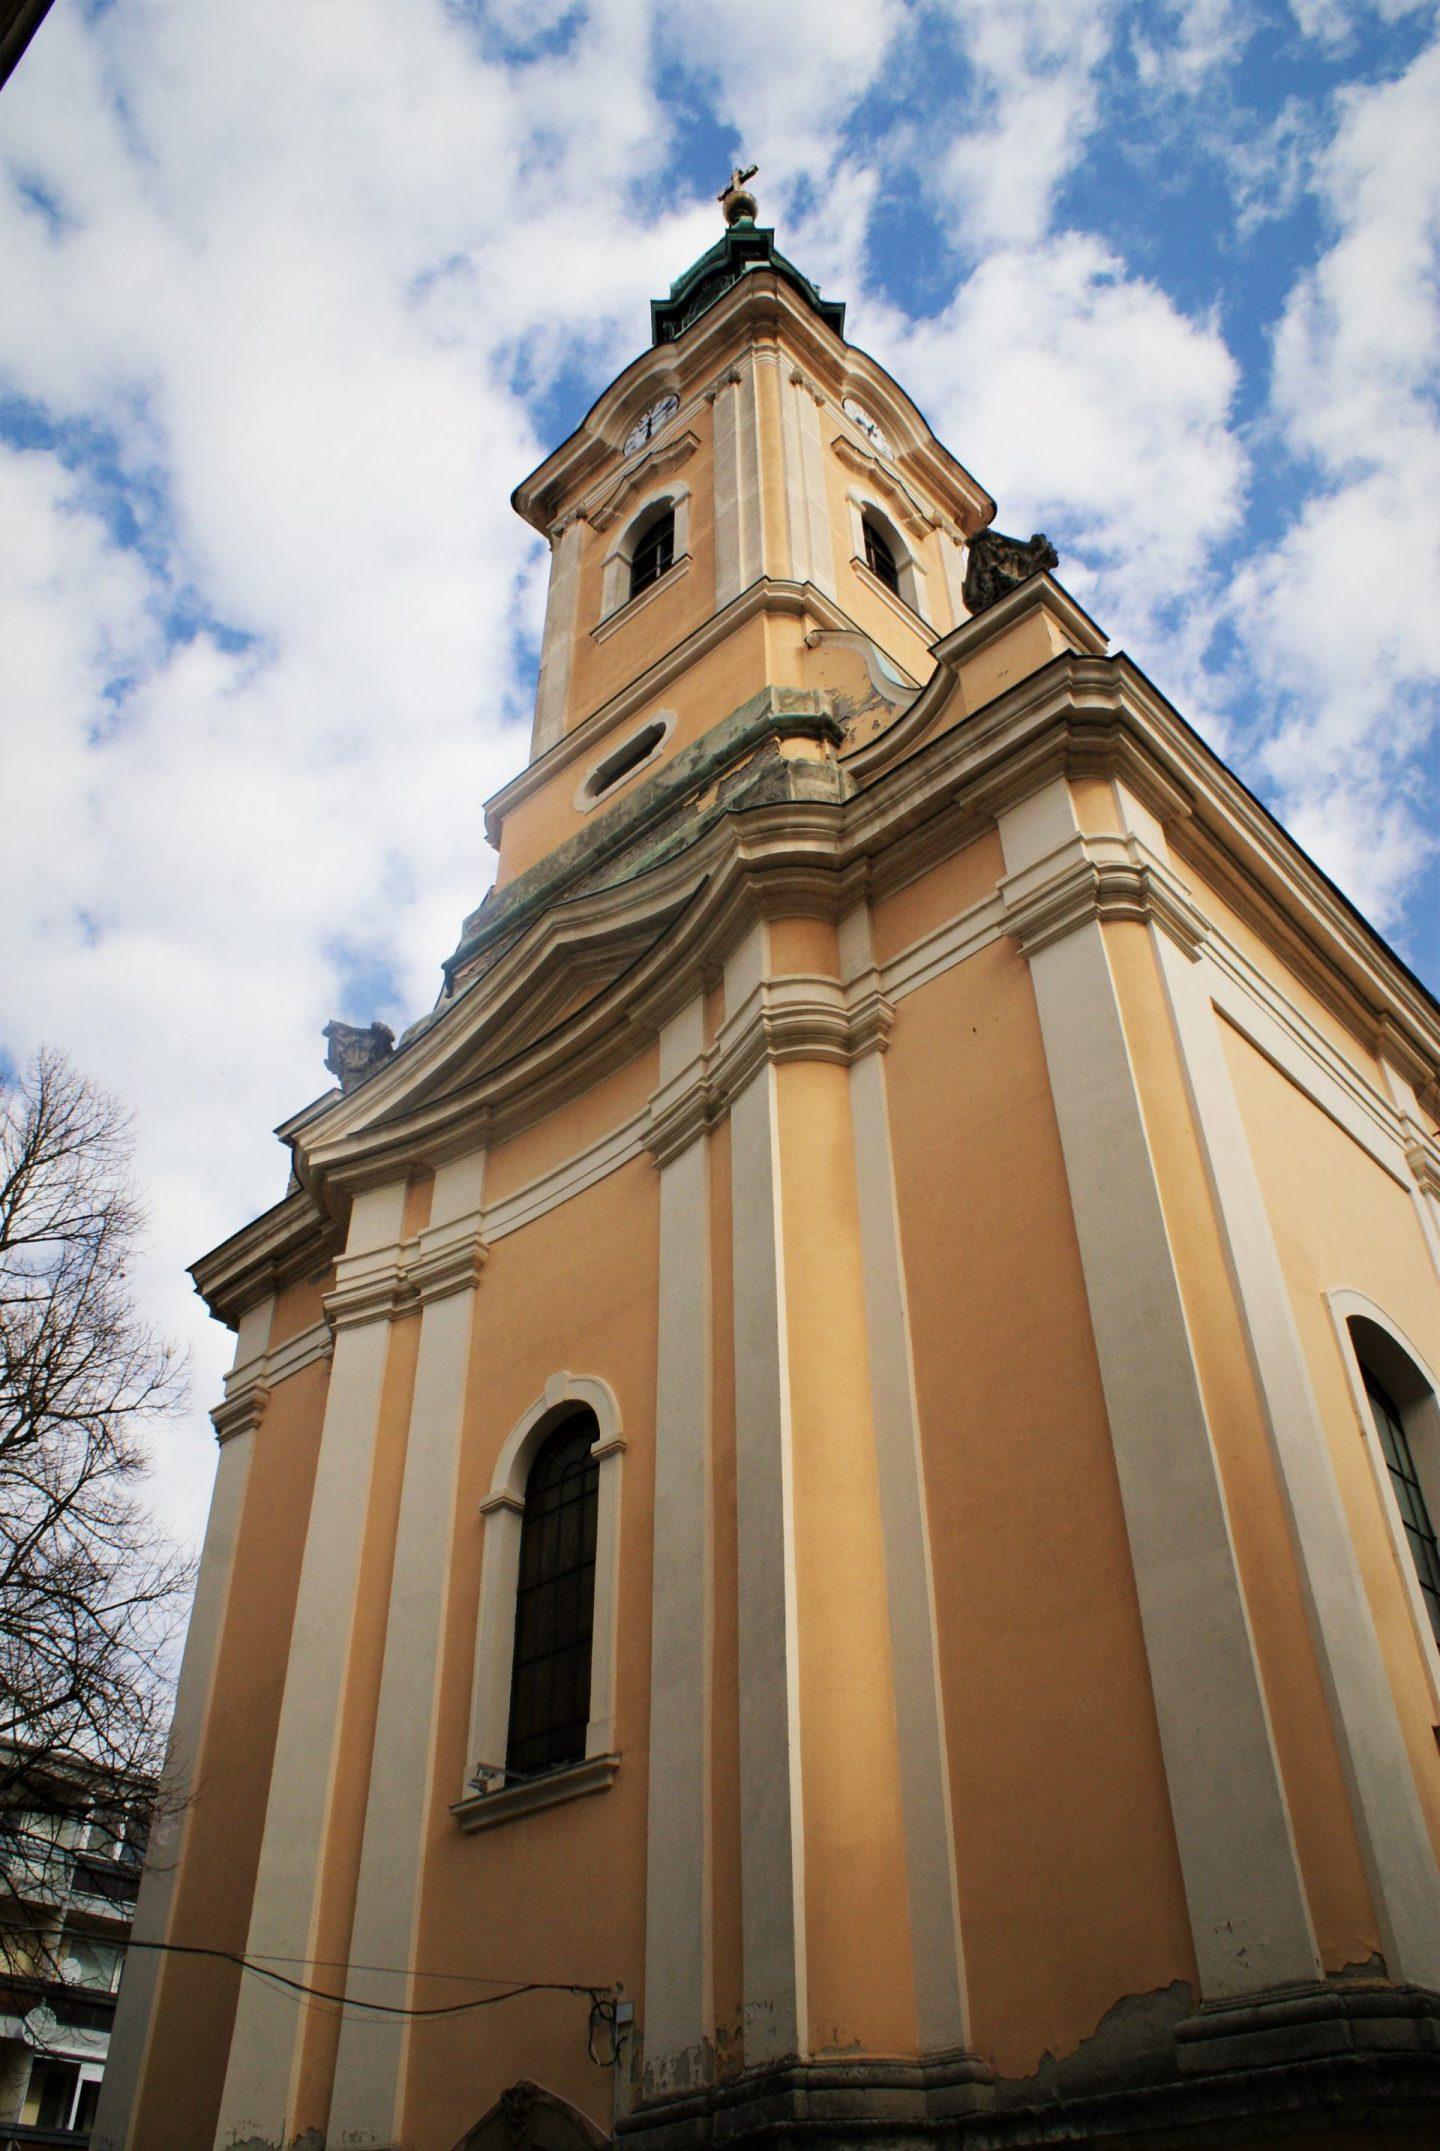 Srpska crkva u Segedinu © According to Kristina